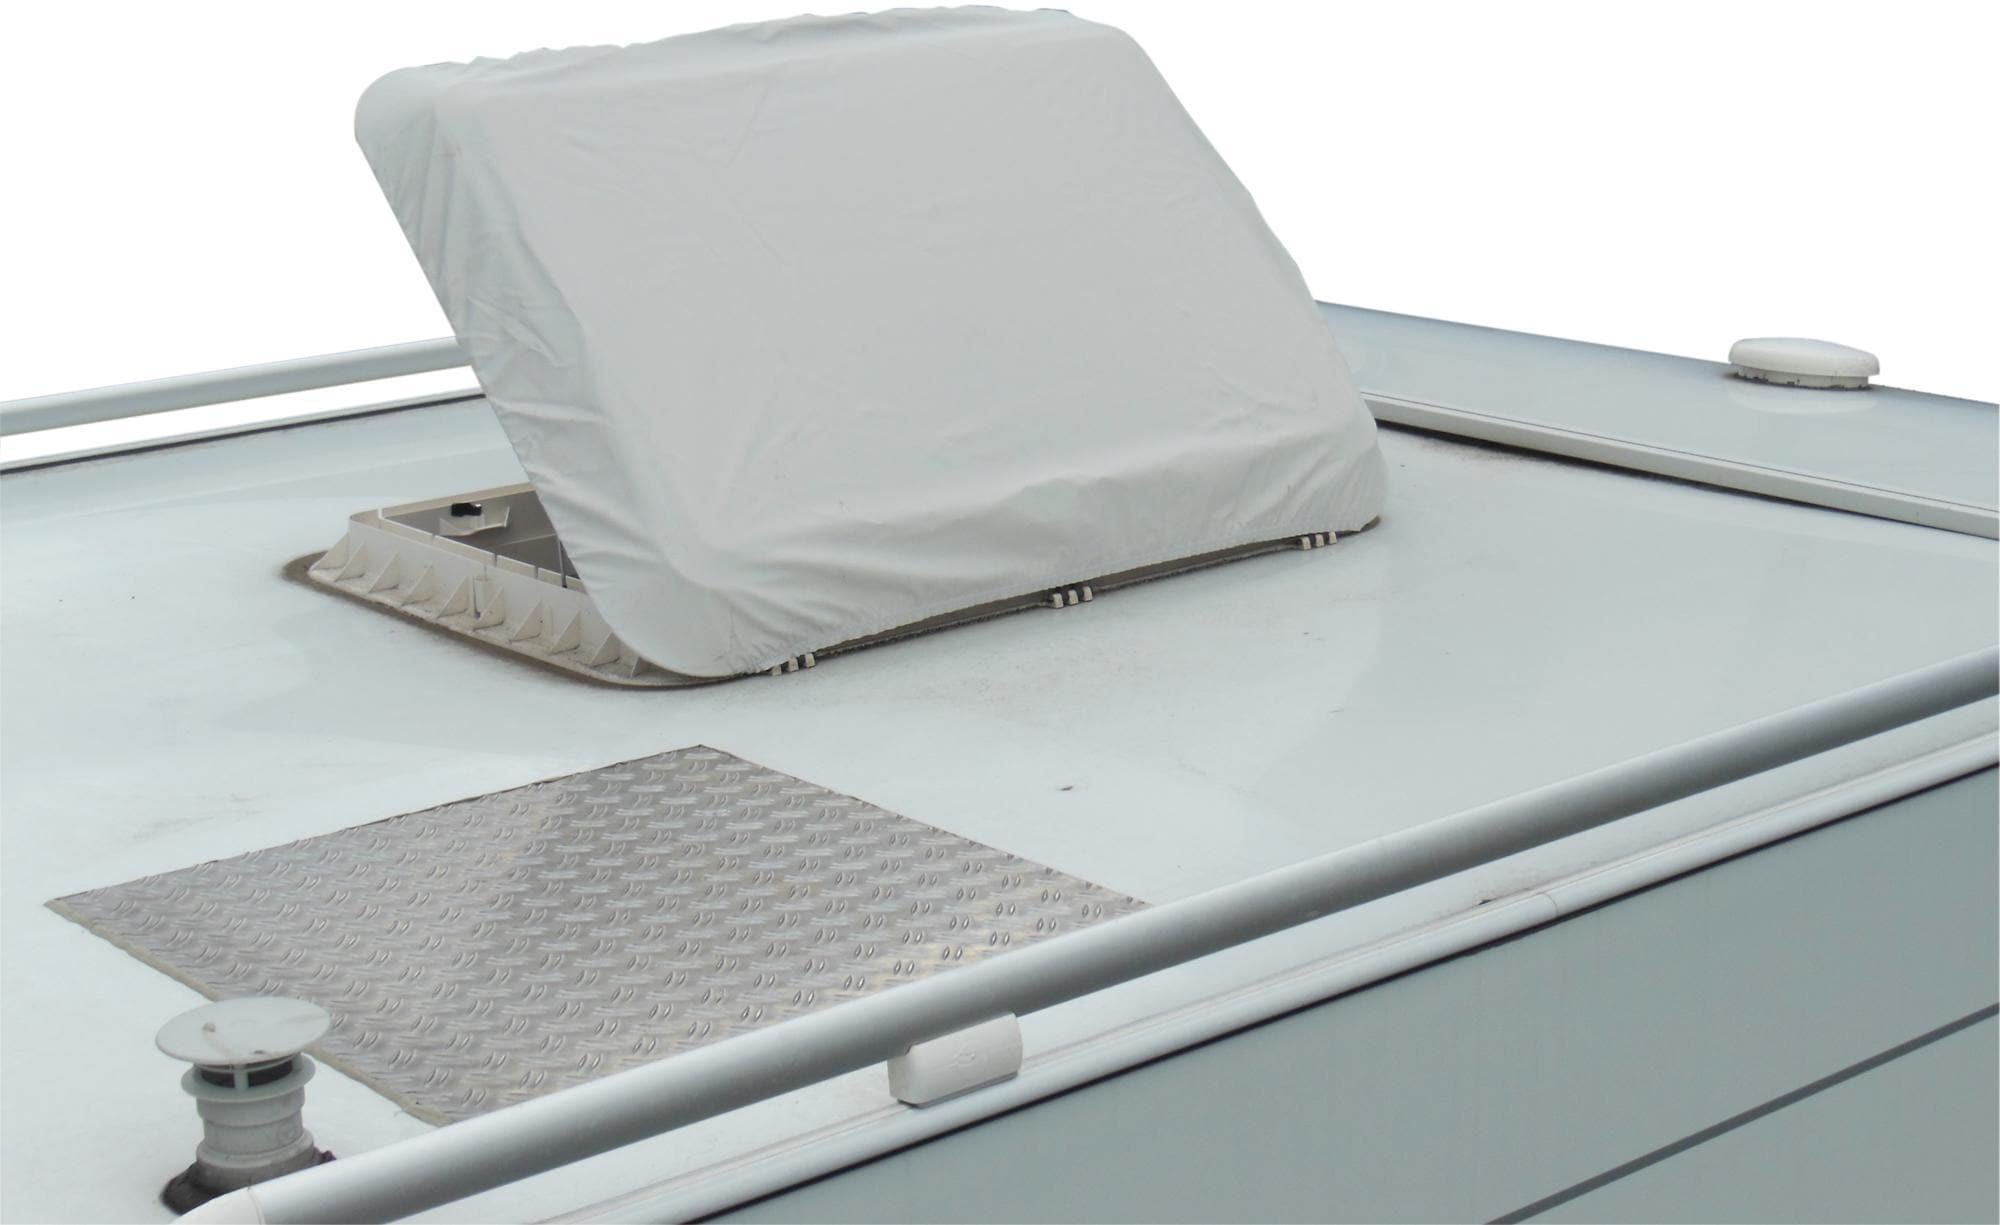 hindermann f r dachfenster dometic seitz midi heki schutzh lle von hindermann bei campingshop. Black Bedroom Furniture Sets. Home Design Ideas